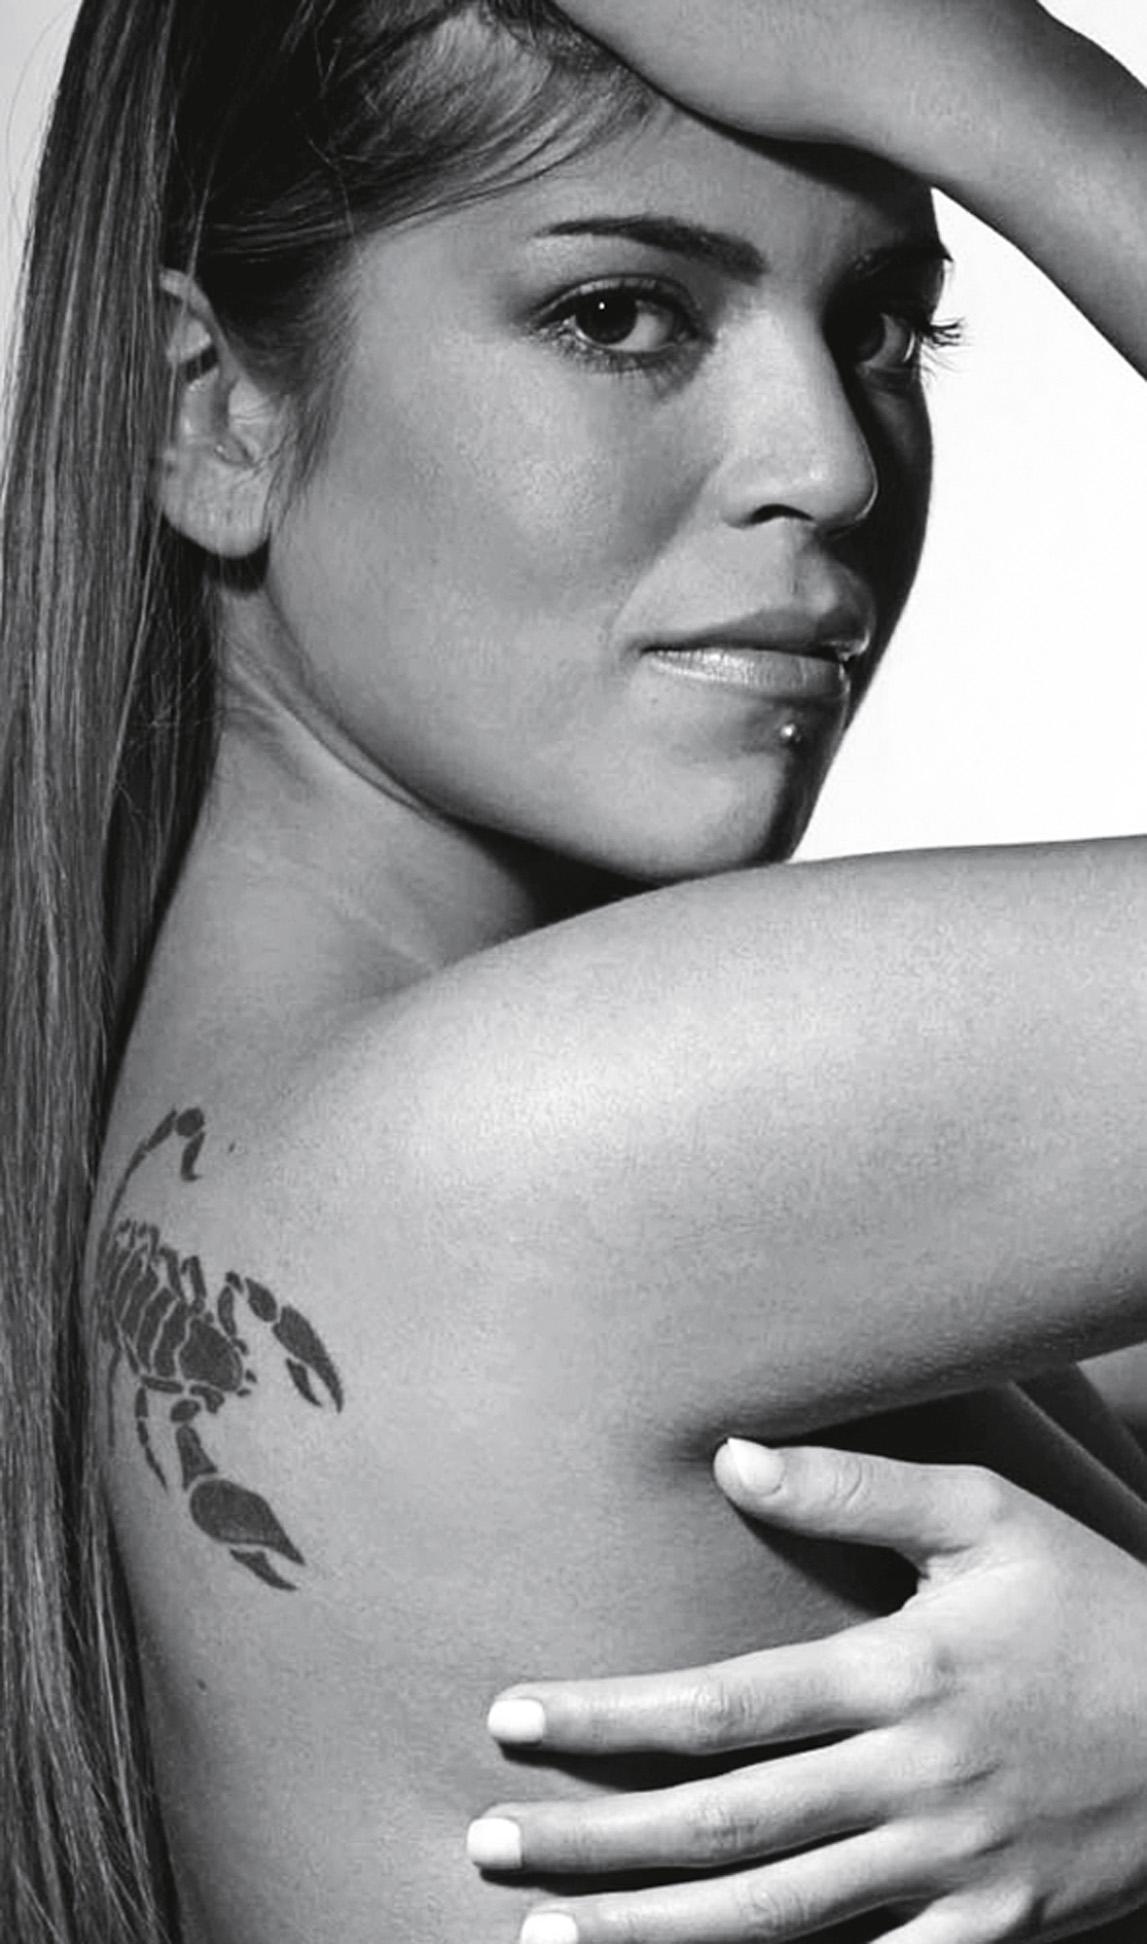 """""""Buttons,  The Pussycat Dolls. Buttons tem um ritmo gostoso e é ótima para fazer striptease! Com ela, não tem como uma mulher não se entregar à sensualidade.""""  Raquel Pacheco, 27 anos, escritora"""